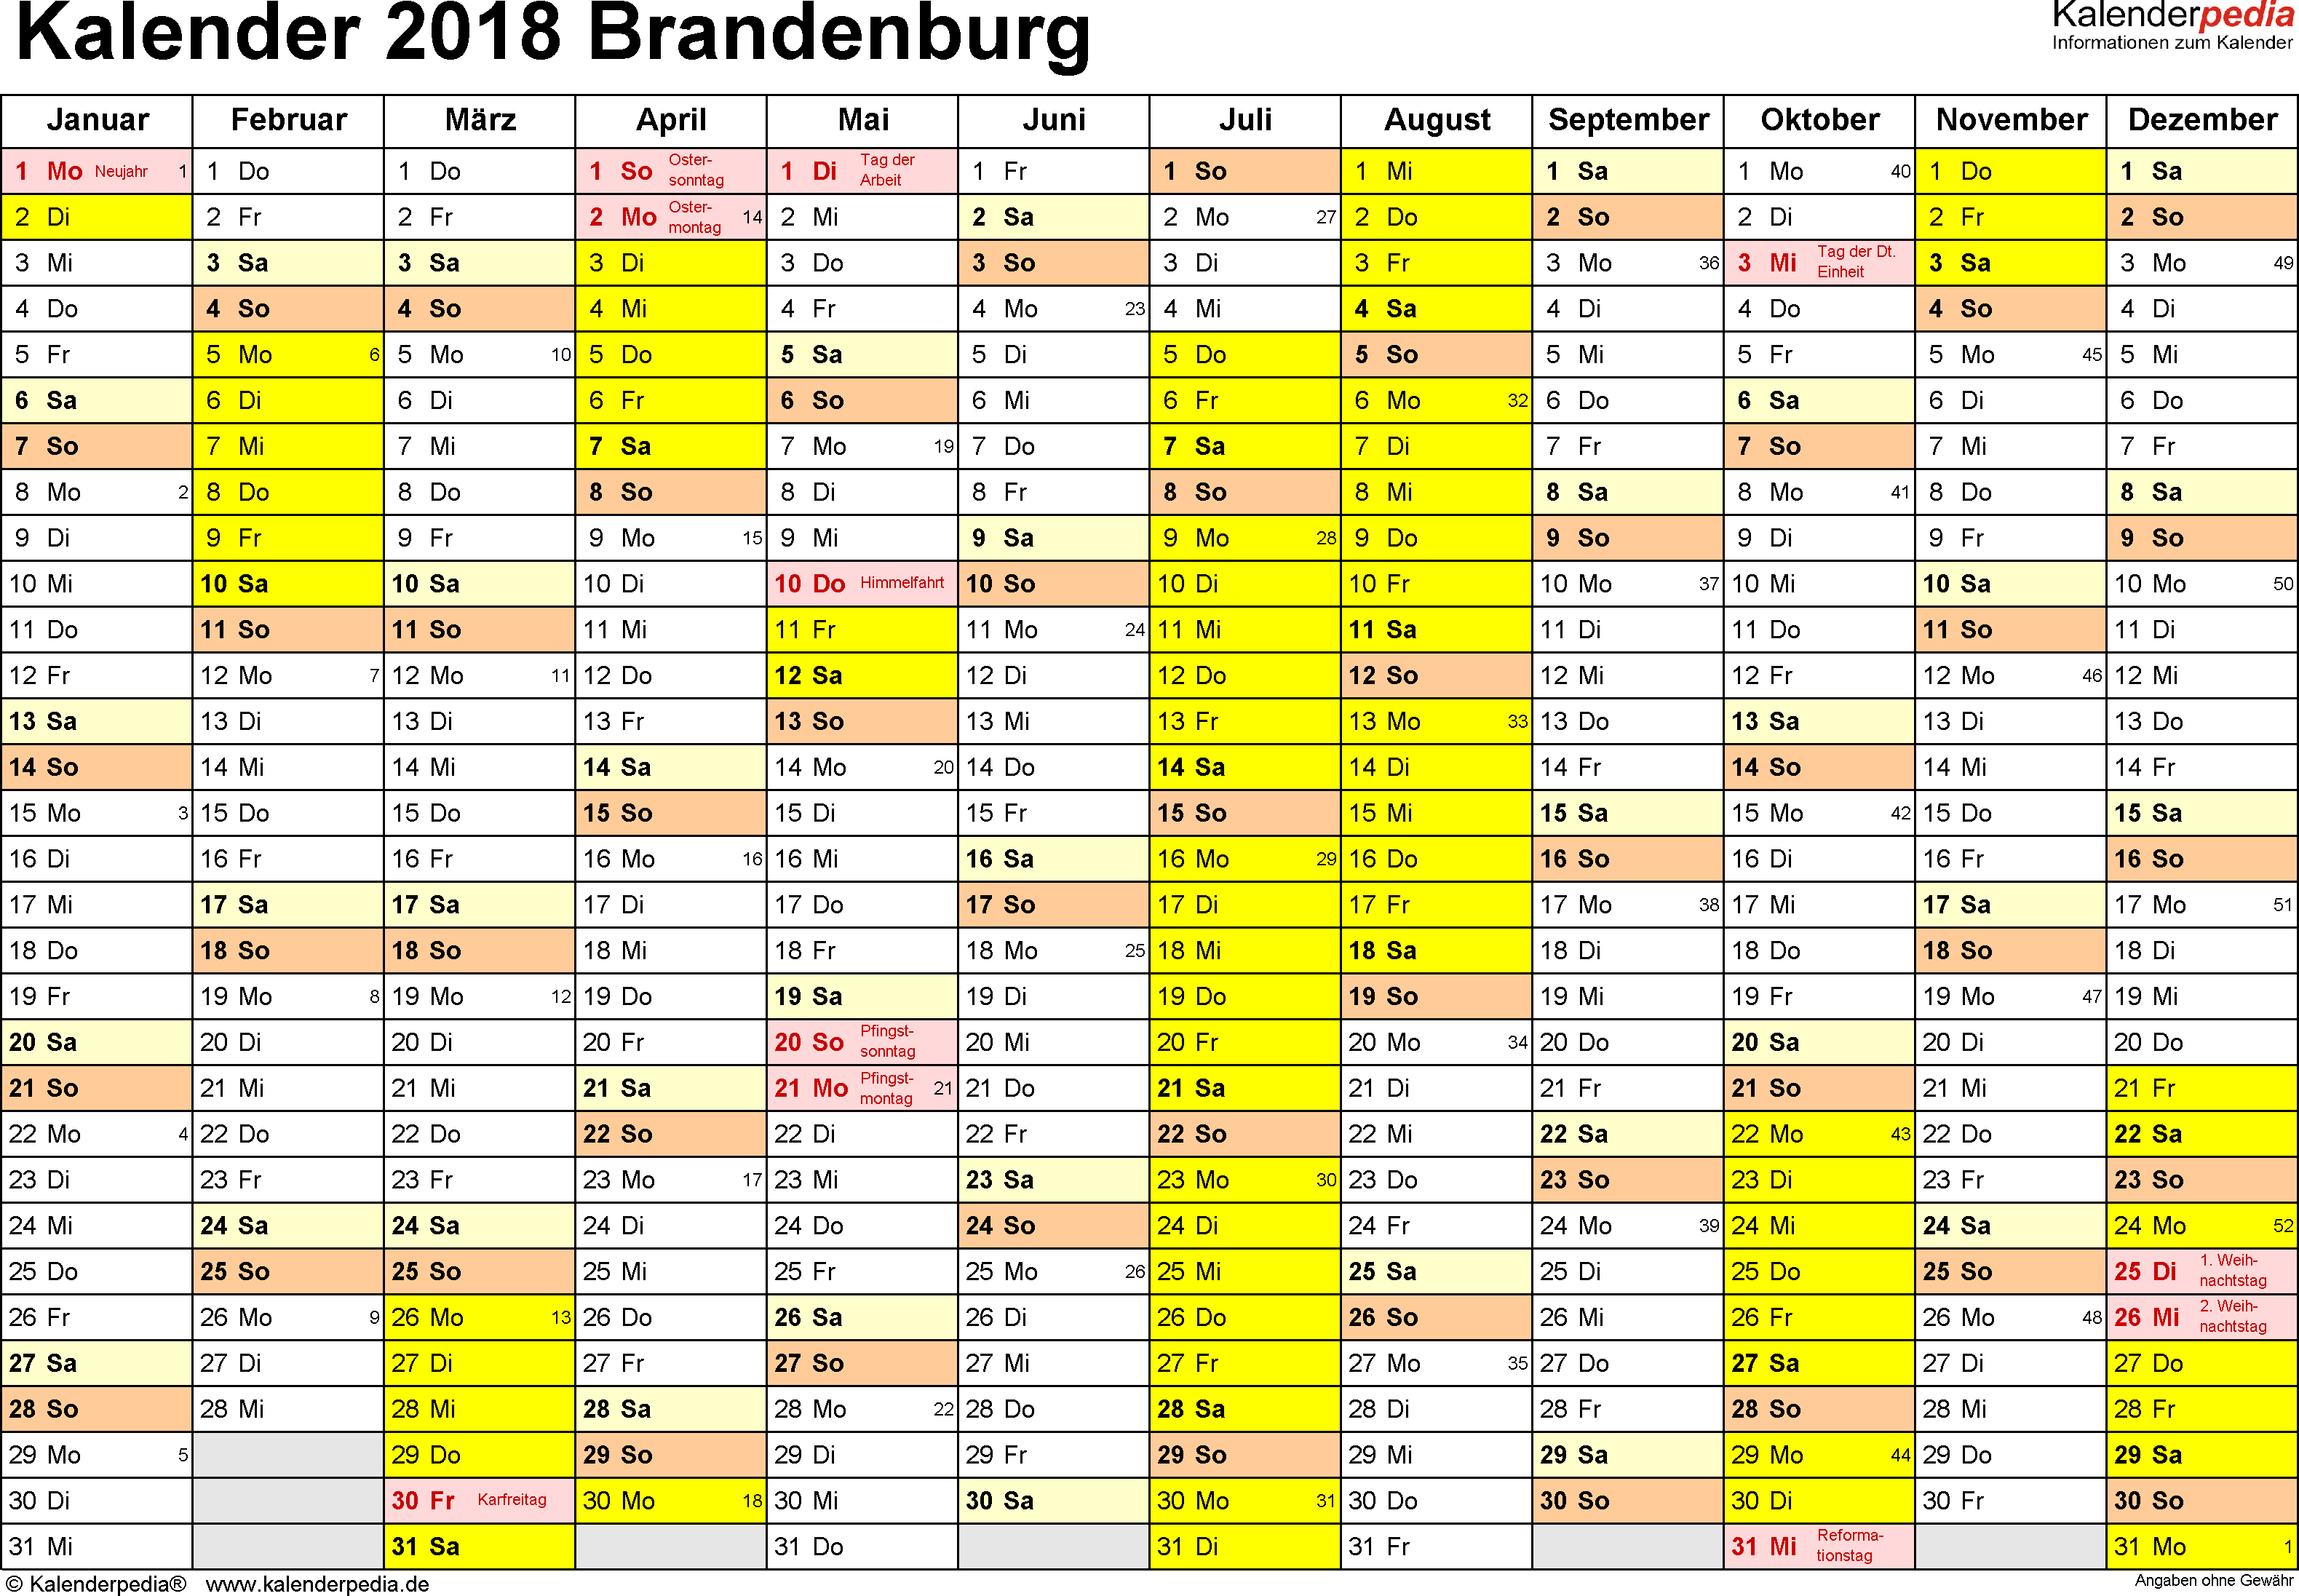 Vorlage 1: Kalender 2018 für Brandenburg als Word-Vorlage (Querformat, 1 Seite)